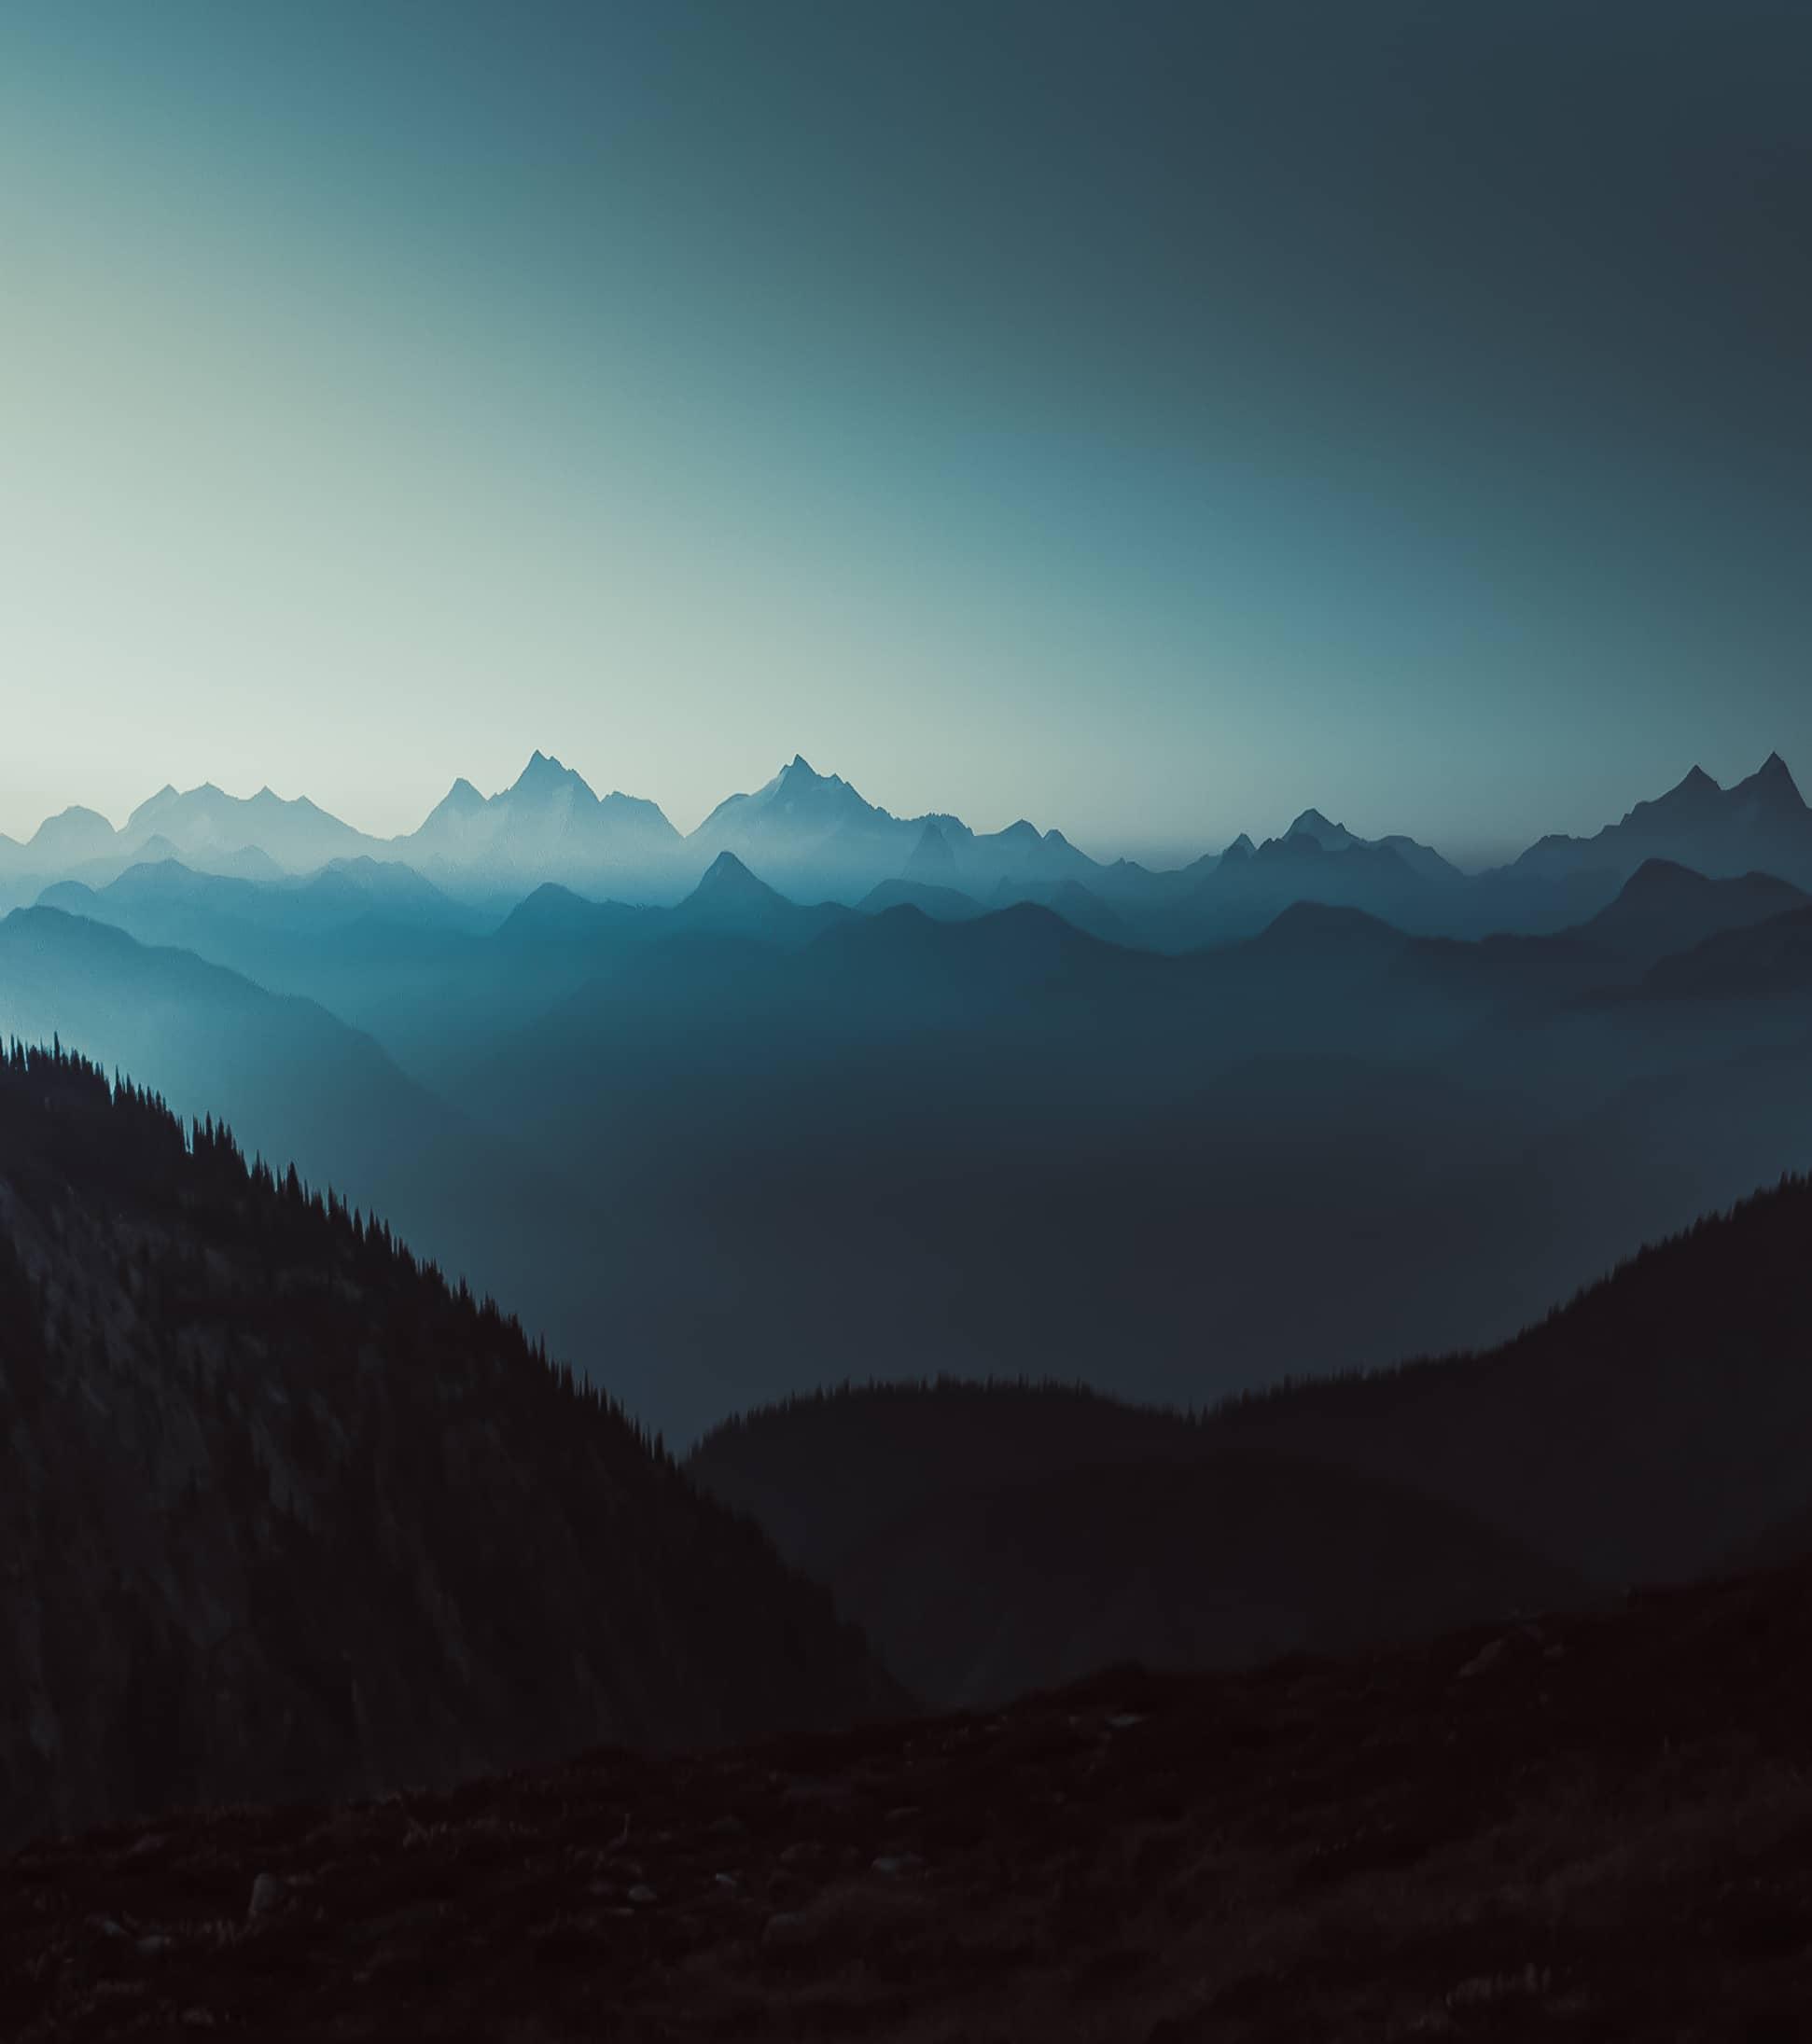 Mountain Layers by Jordan McGarth